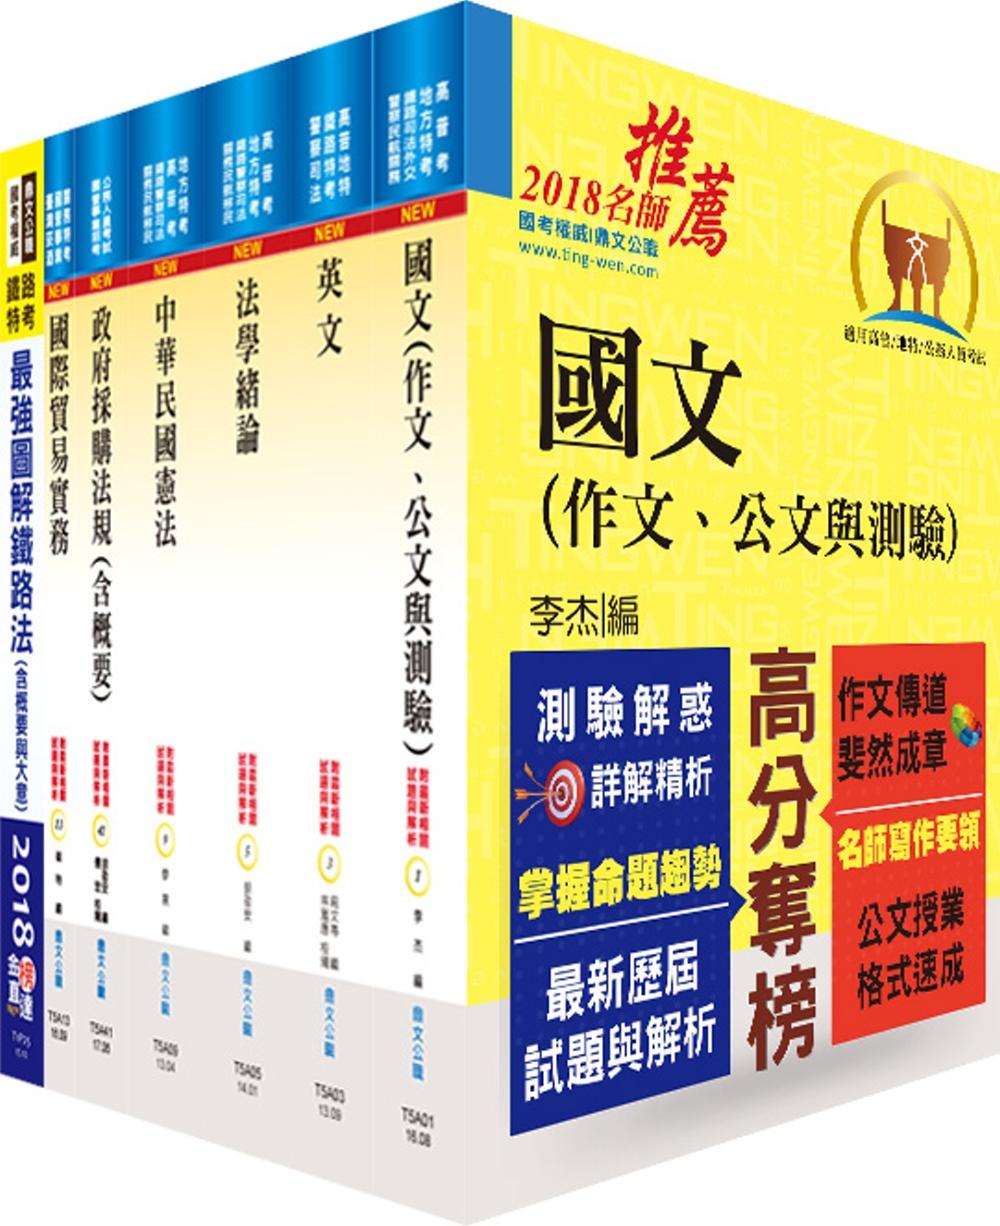 鐵路特考員級(材料管理)套書(不含物料管理)(贈題庫網帳號、雲端課程)